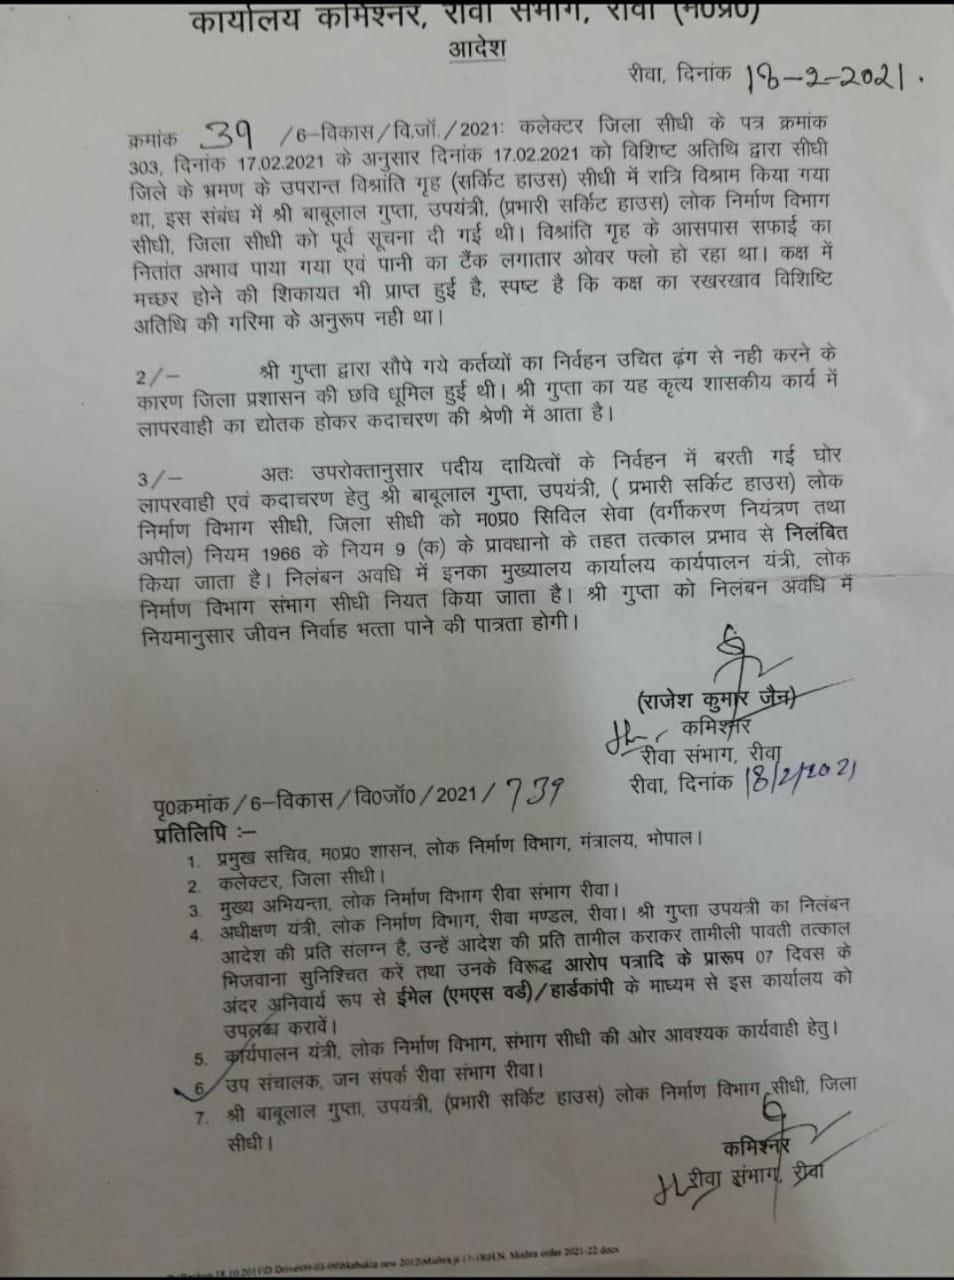 सीधी सर्किट हाउस के प्रभारी और सब इंजीनियर बाबूलाल गुप्ता का निलंबन आदेश।